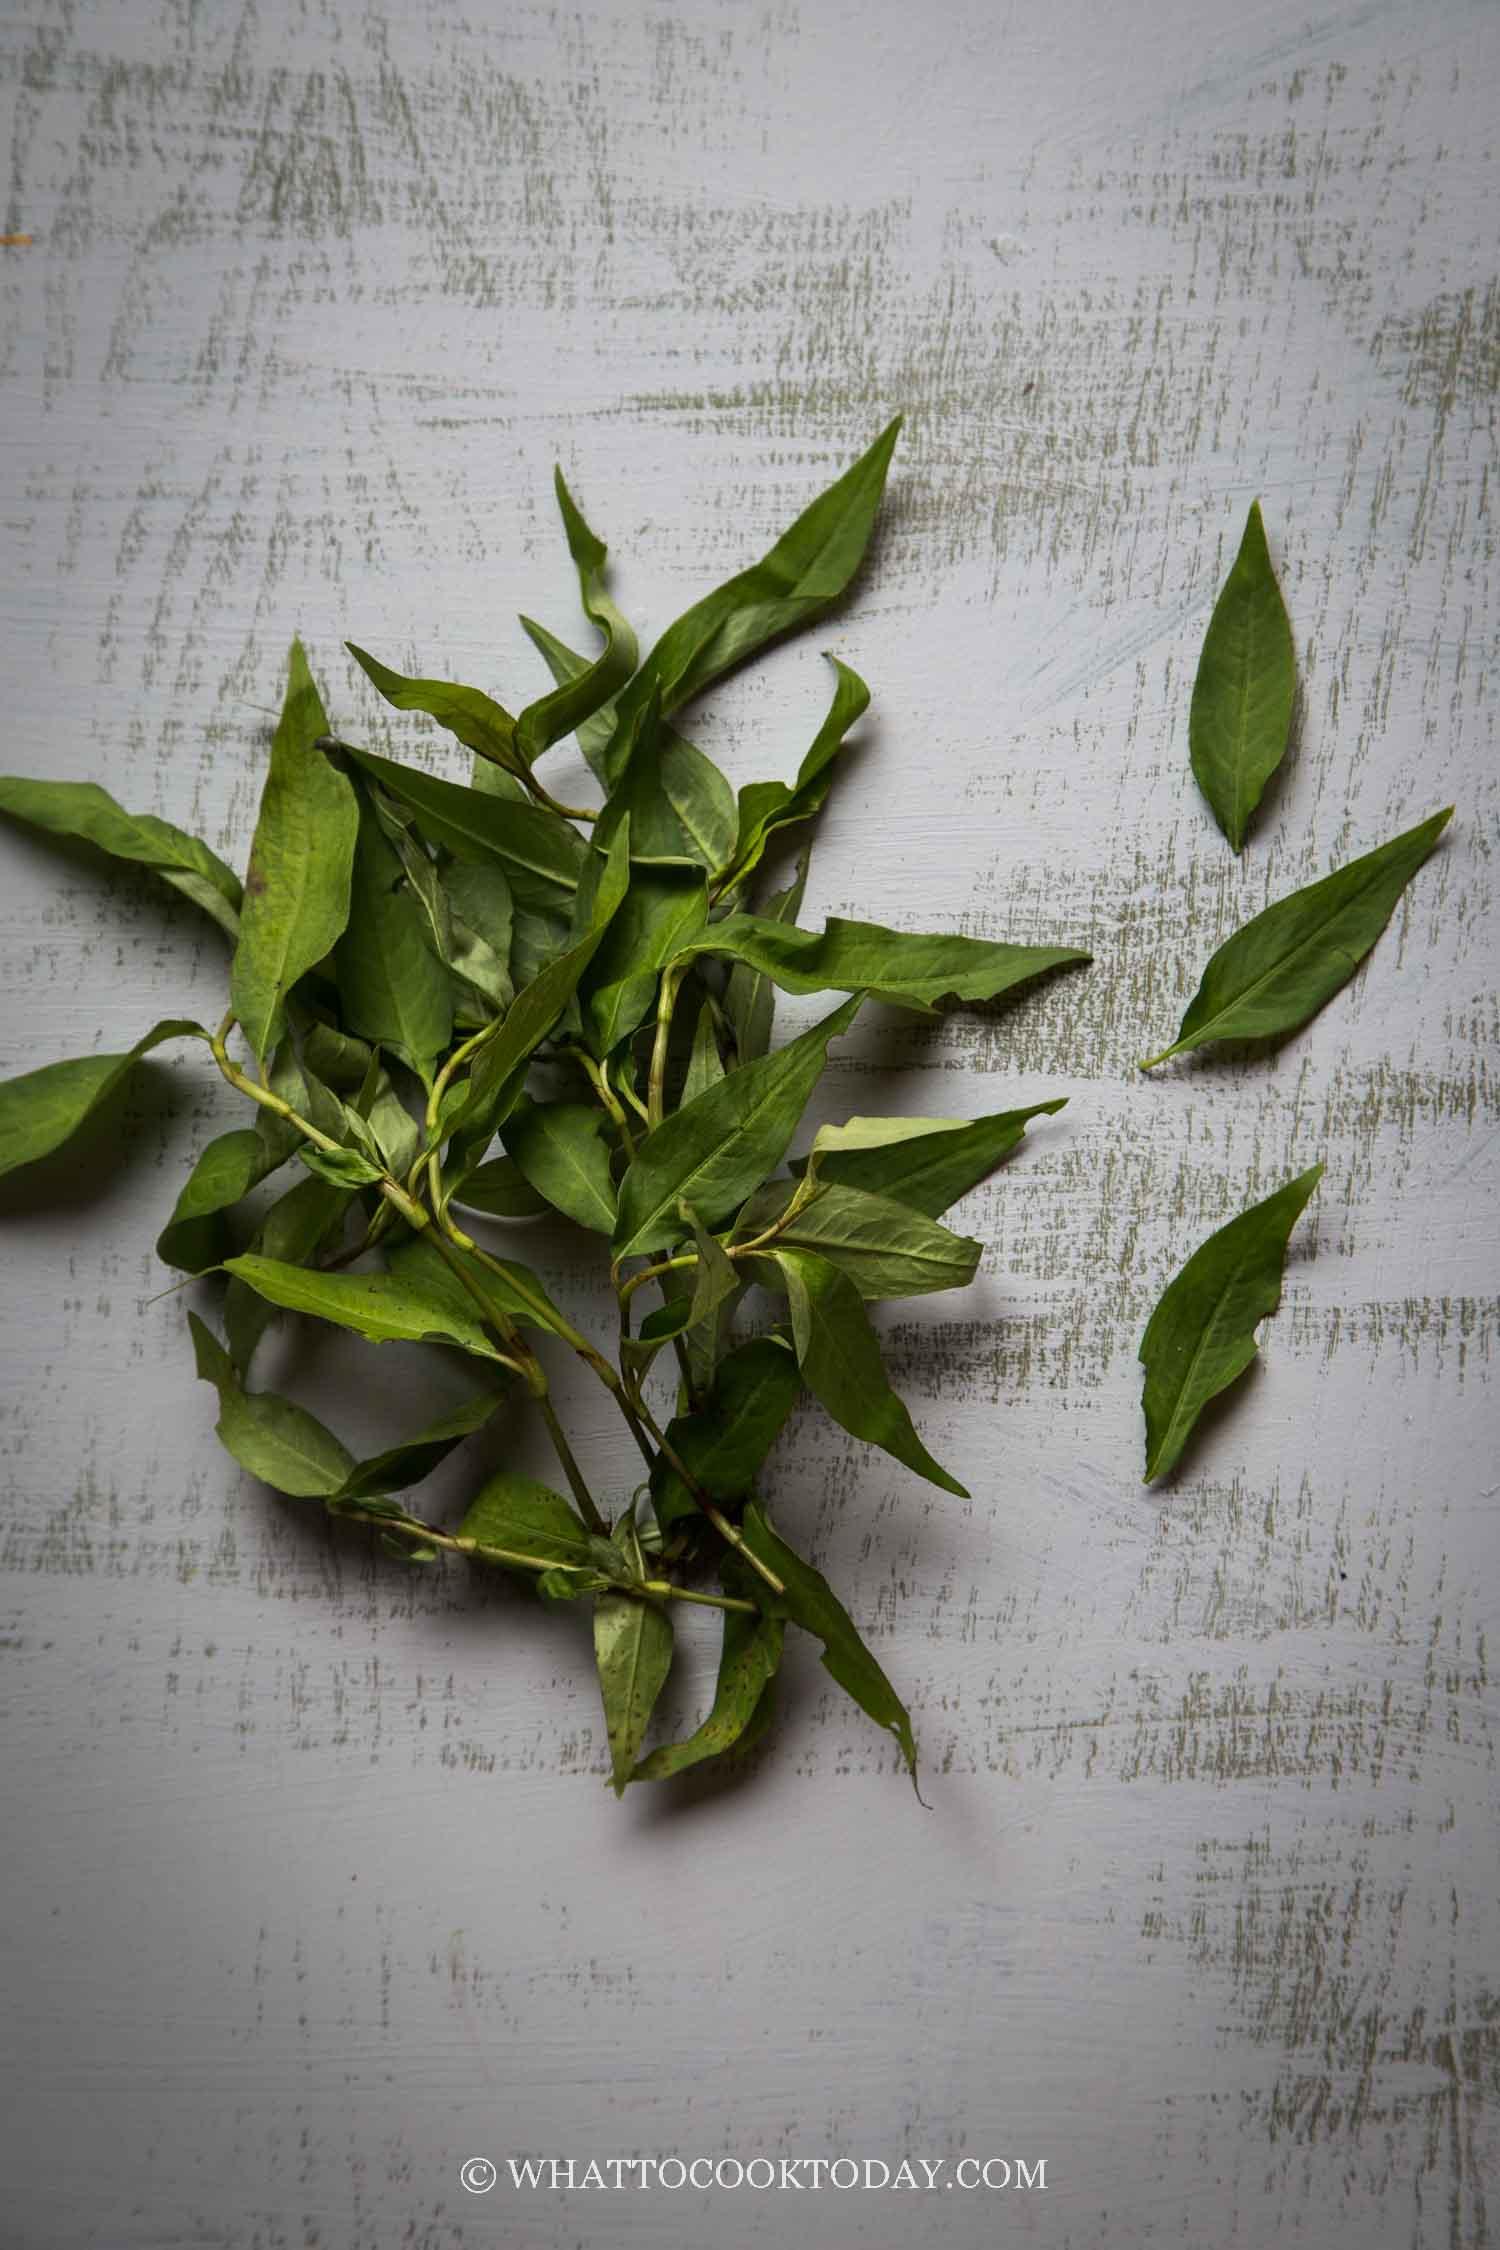 Laksa Leave / Vietnamese Coriander / Rau Ram / Daun Kesum